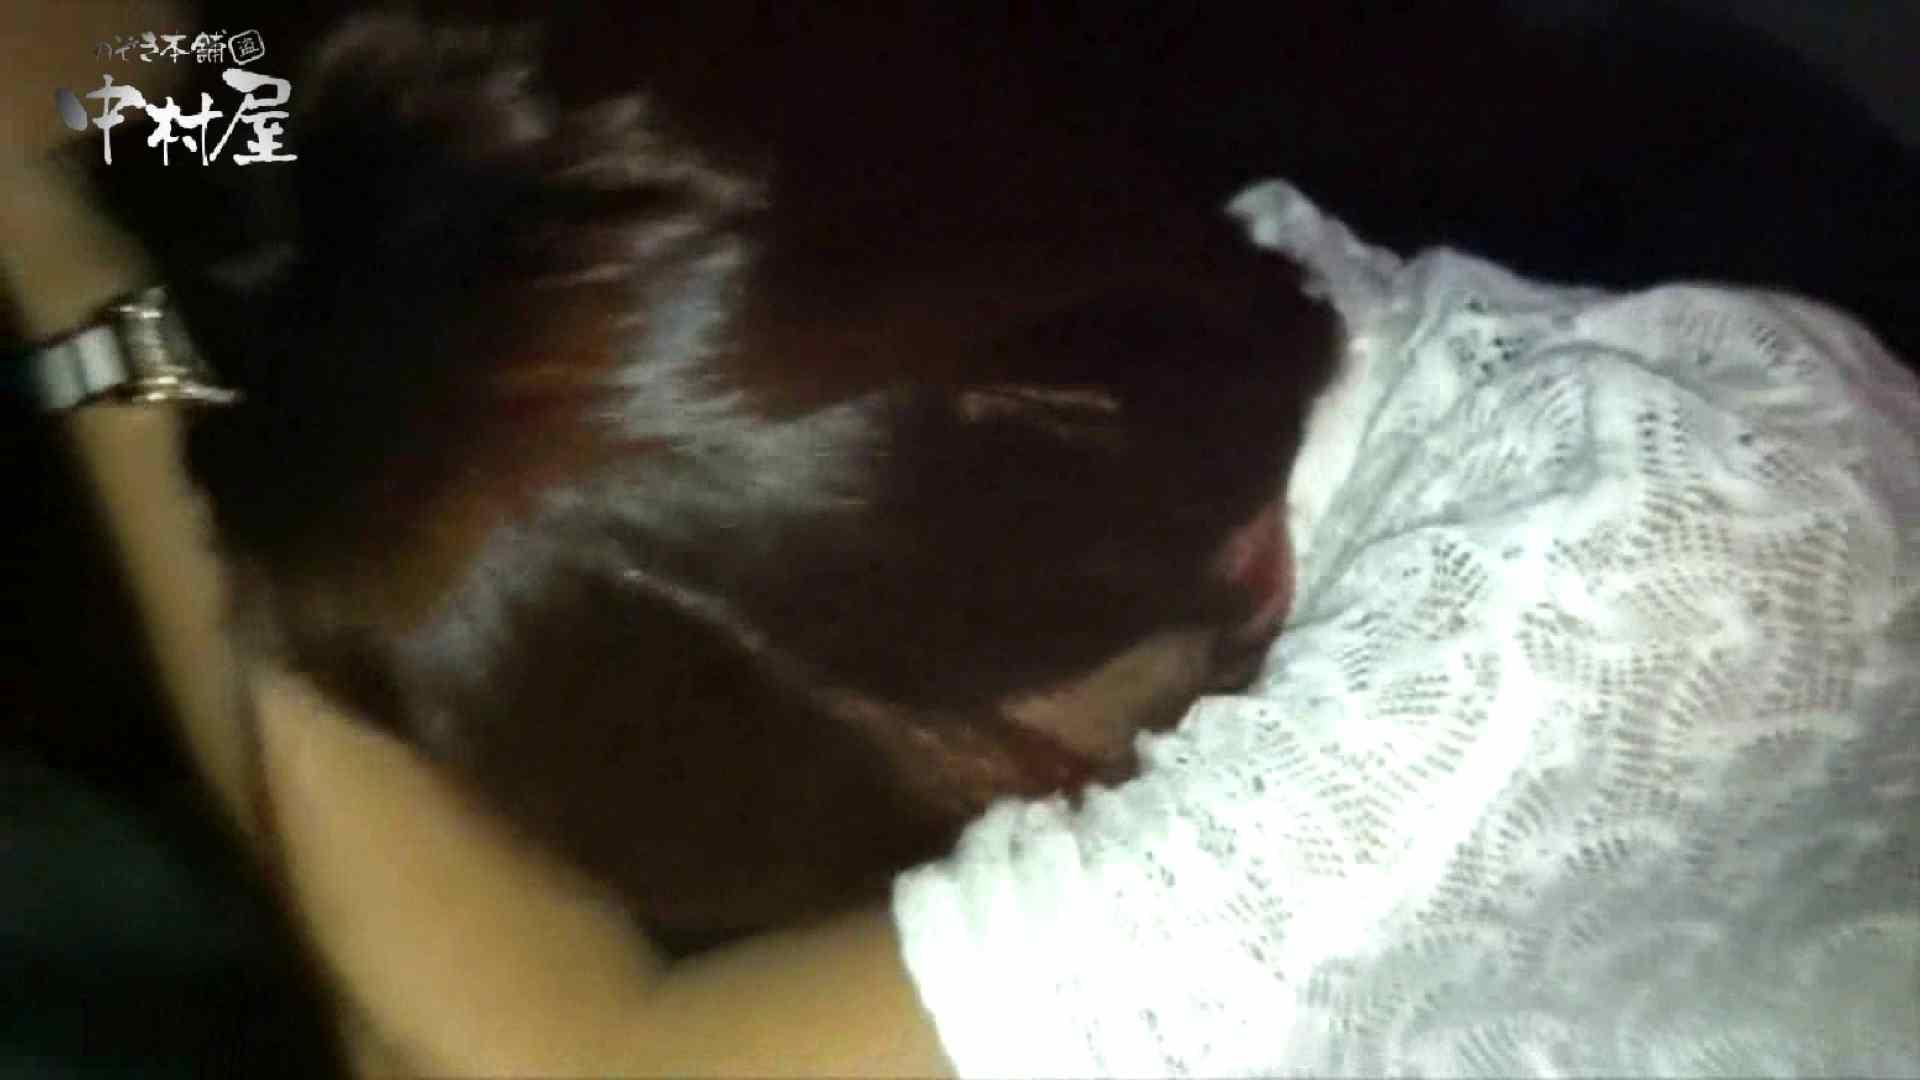 欲望 リアルドール Case.14 Yちゃん女子大生 二回目登場 現役ギャル AV動画キャプチャ 96pic 38